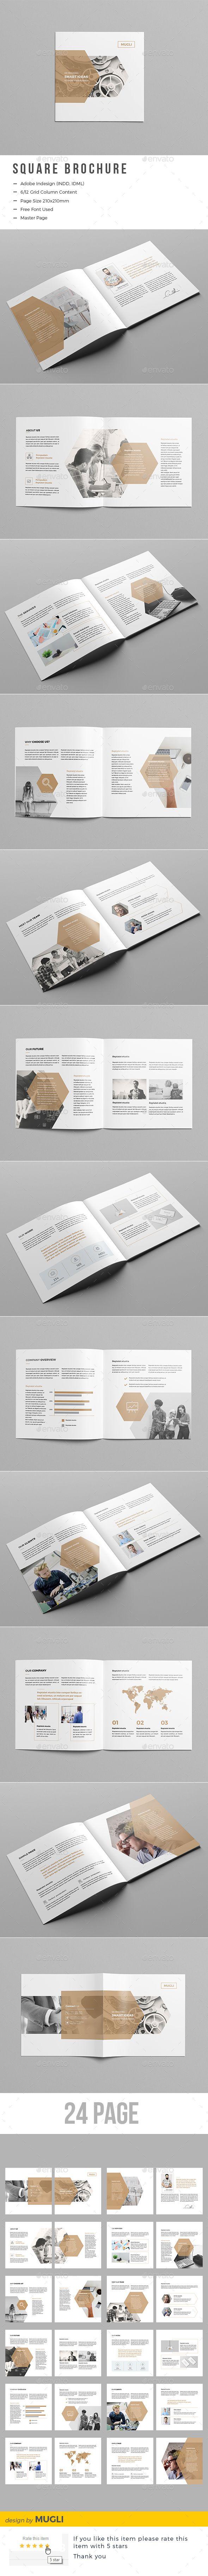 Corporate Square Brochure | Portafolio, Diseño editorial y Editorial